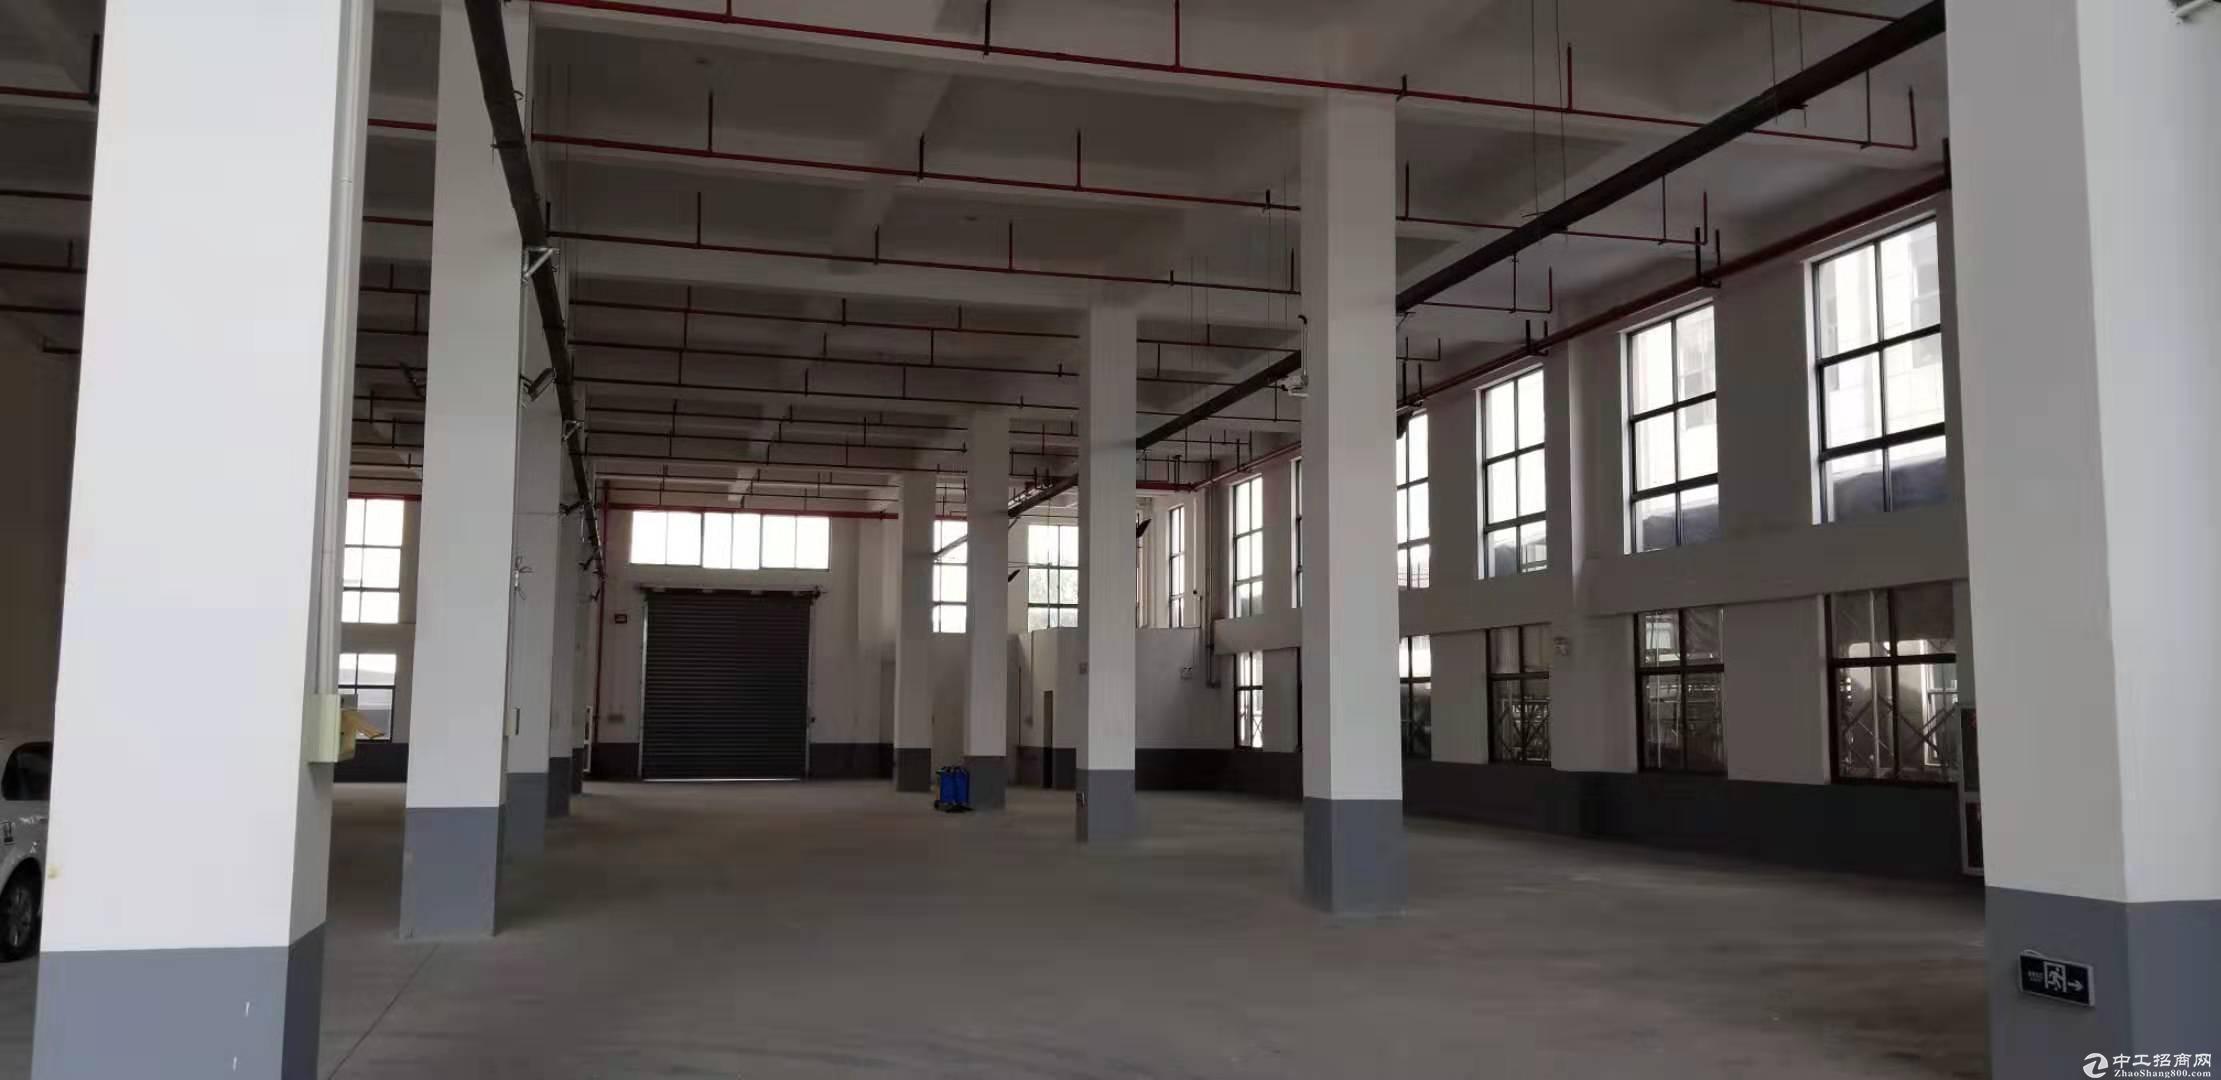 临平北厂房出租2000方,交通便利,价格优